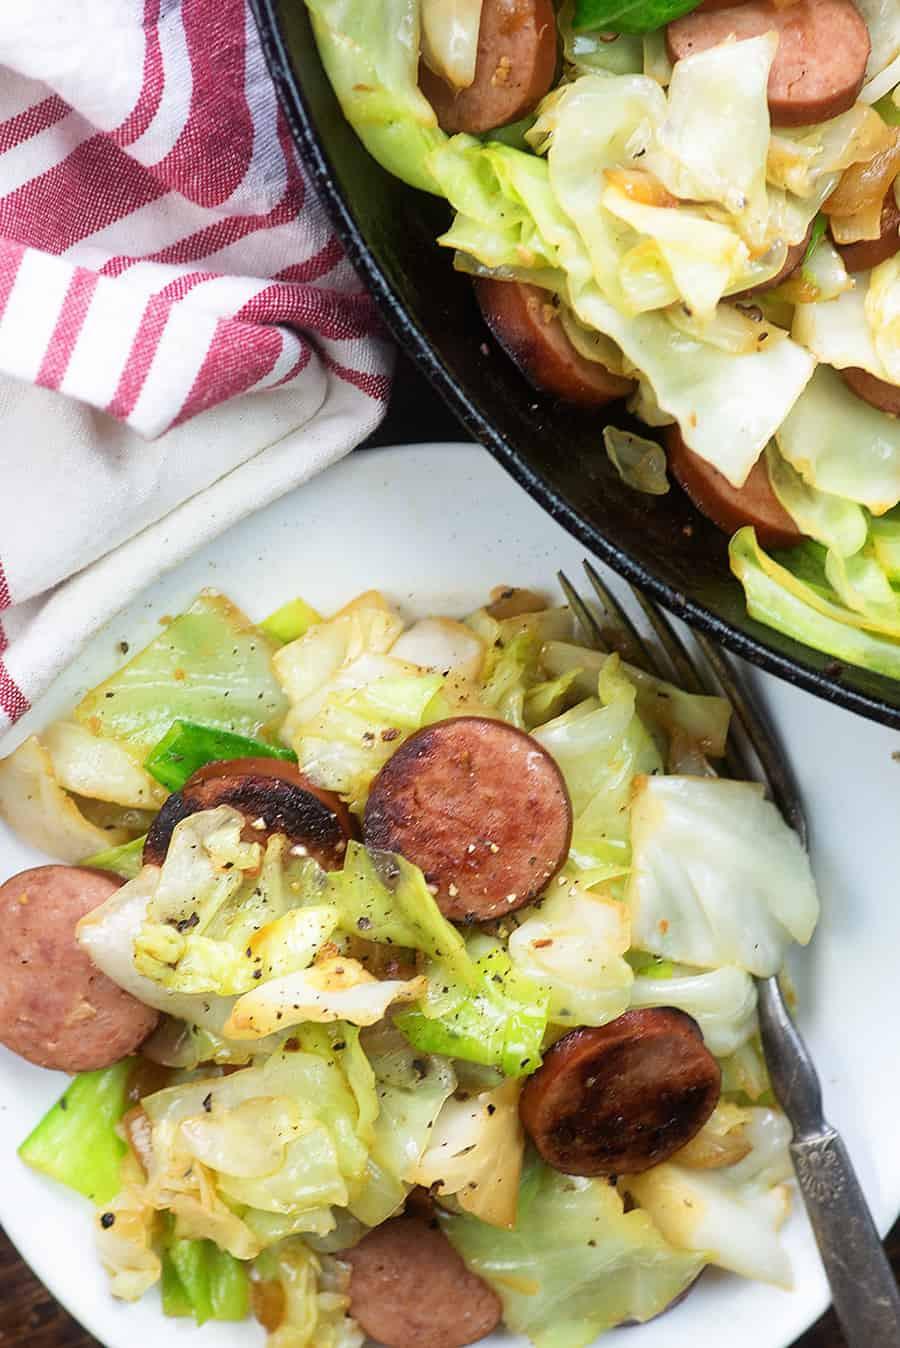 Low Carb Smoked Sausage Recipes  Smoked Sausage Fried Cabbage